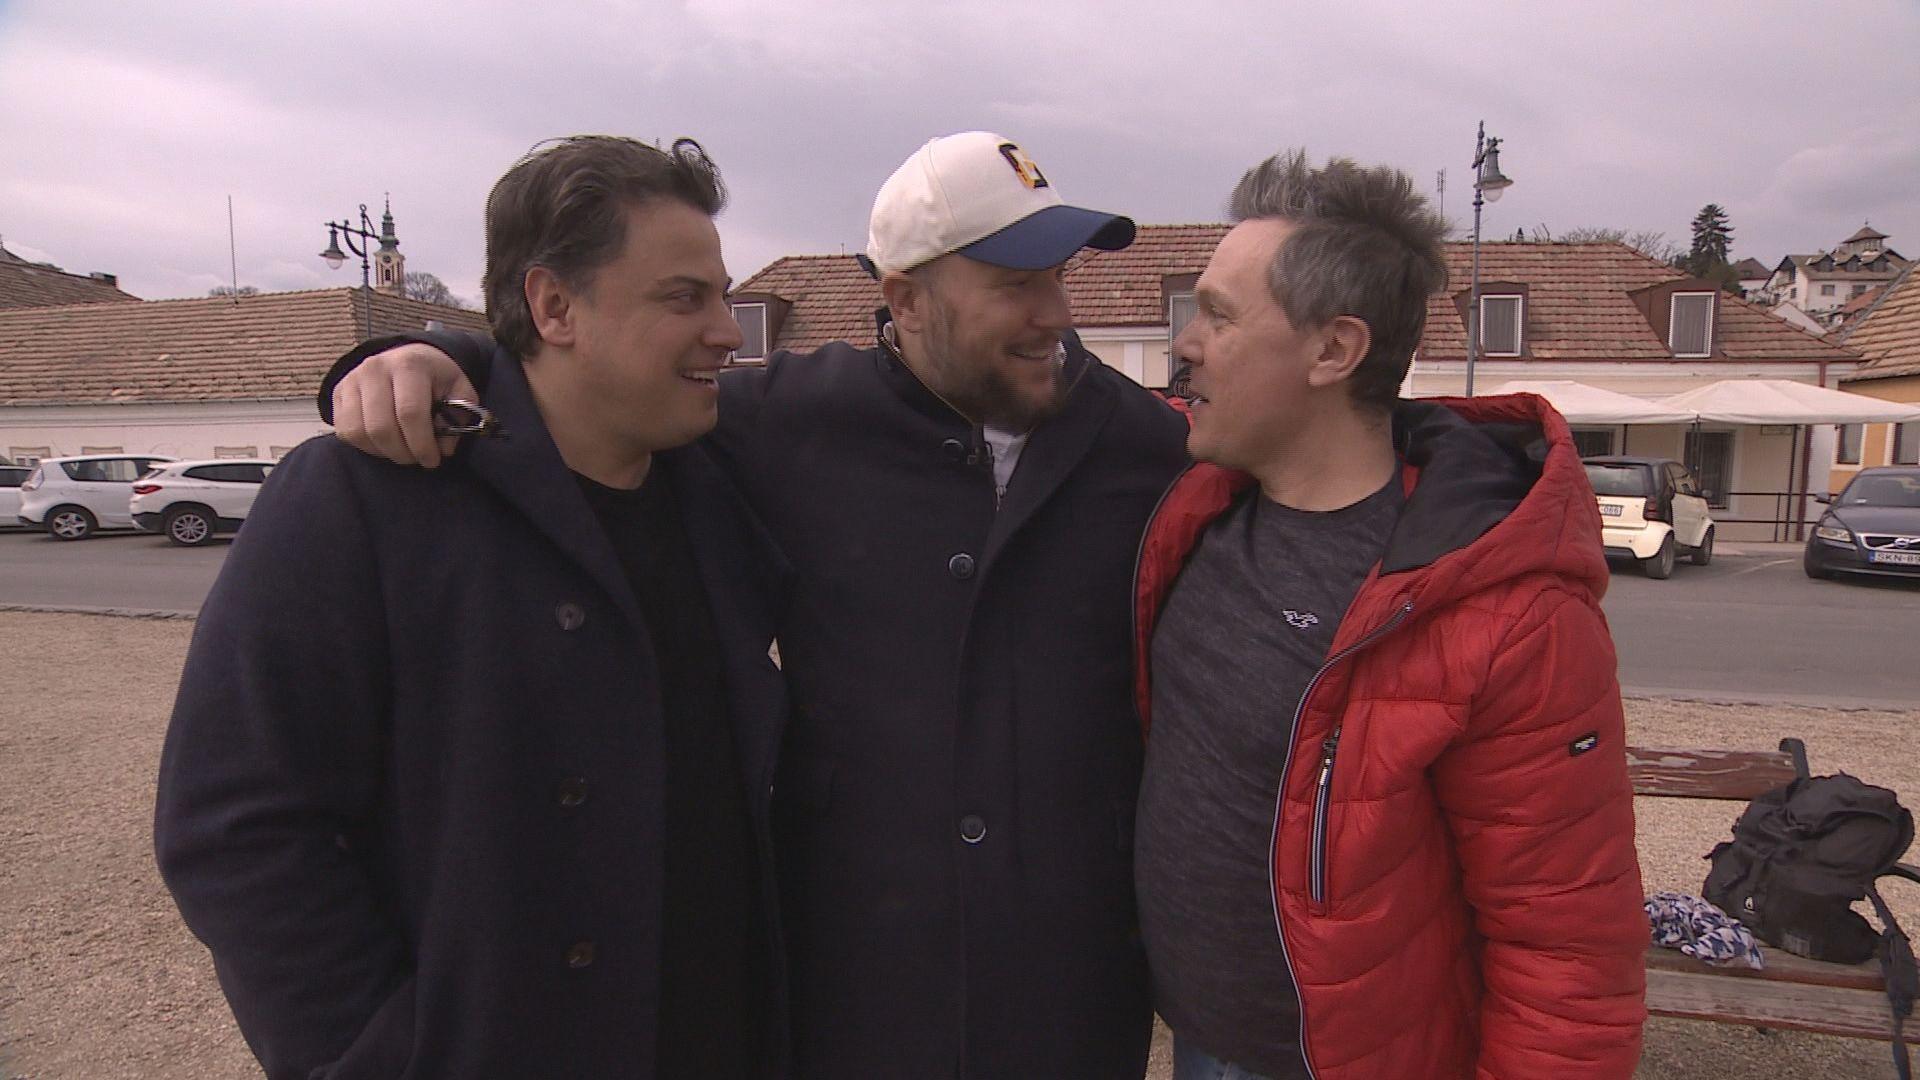 Feke Pál legrégebbi barátai Nagy Sándor és Serbán Attila